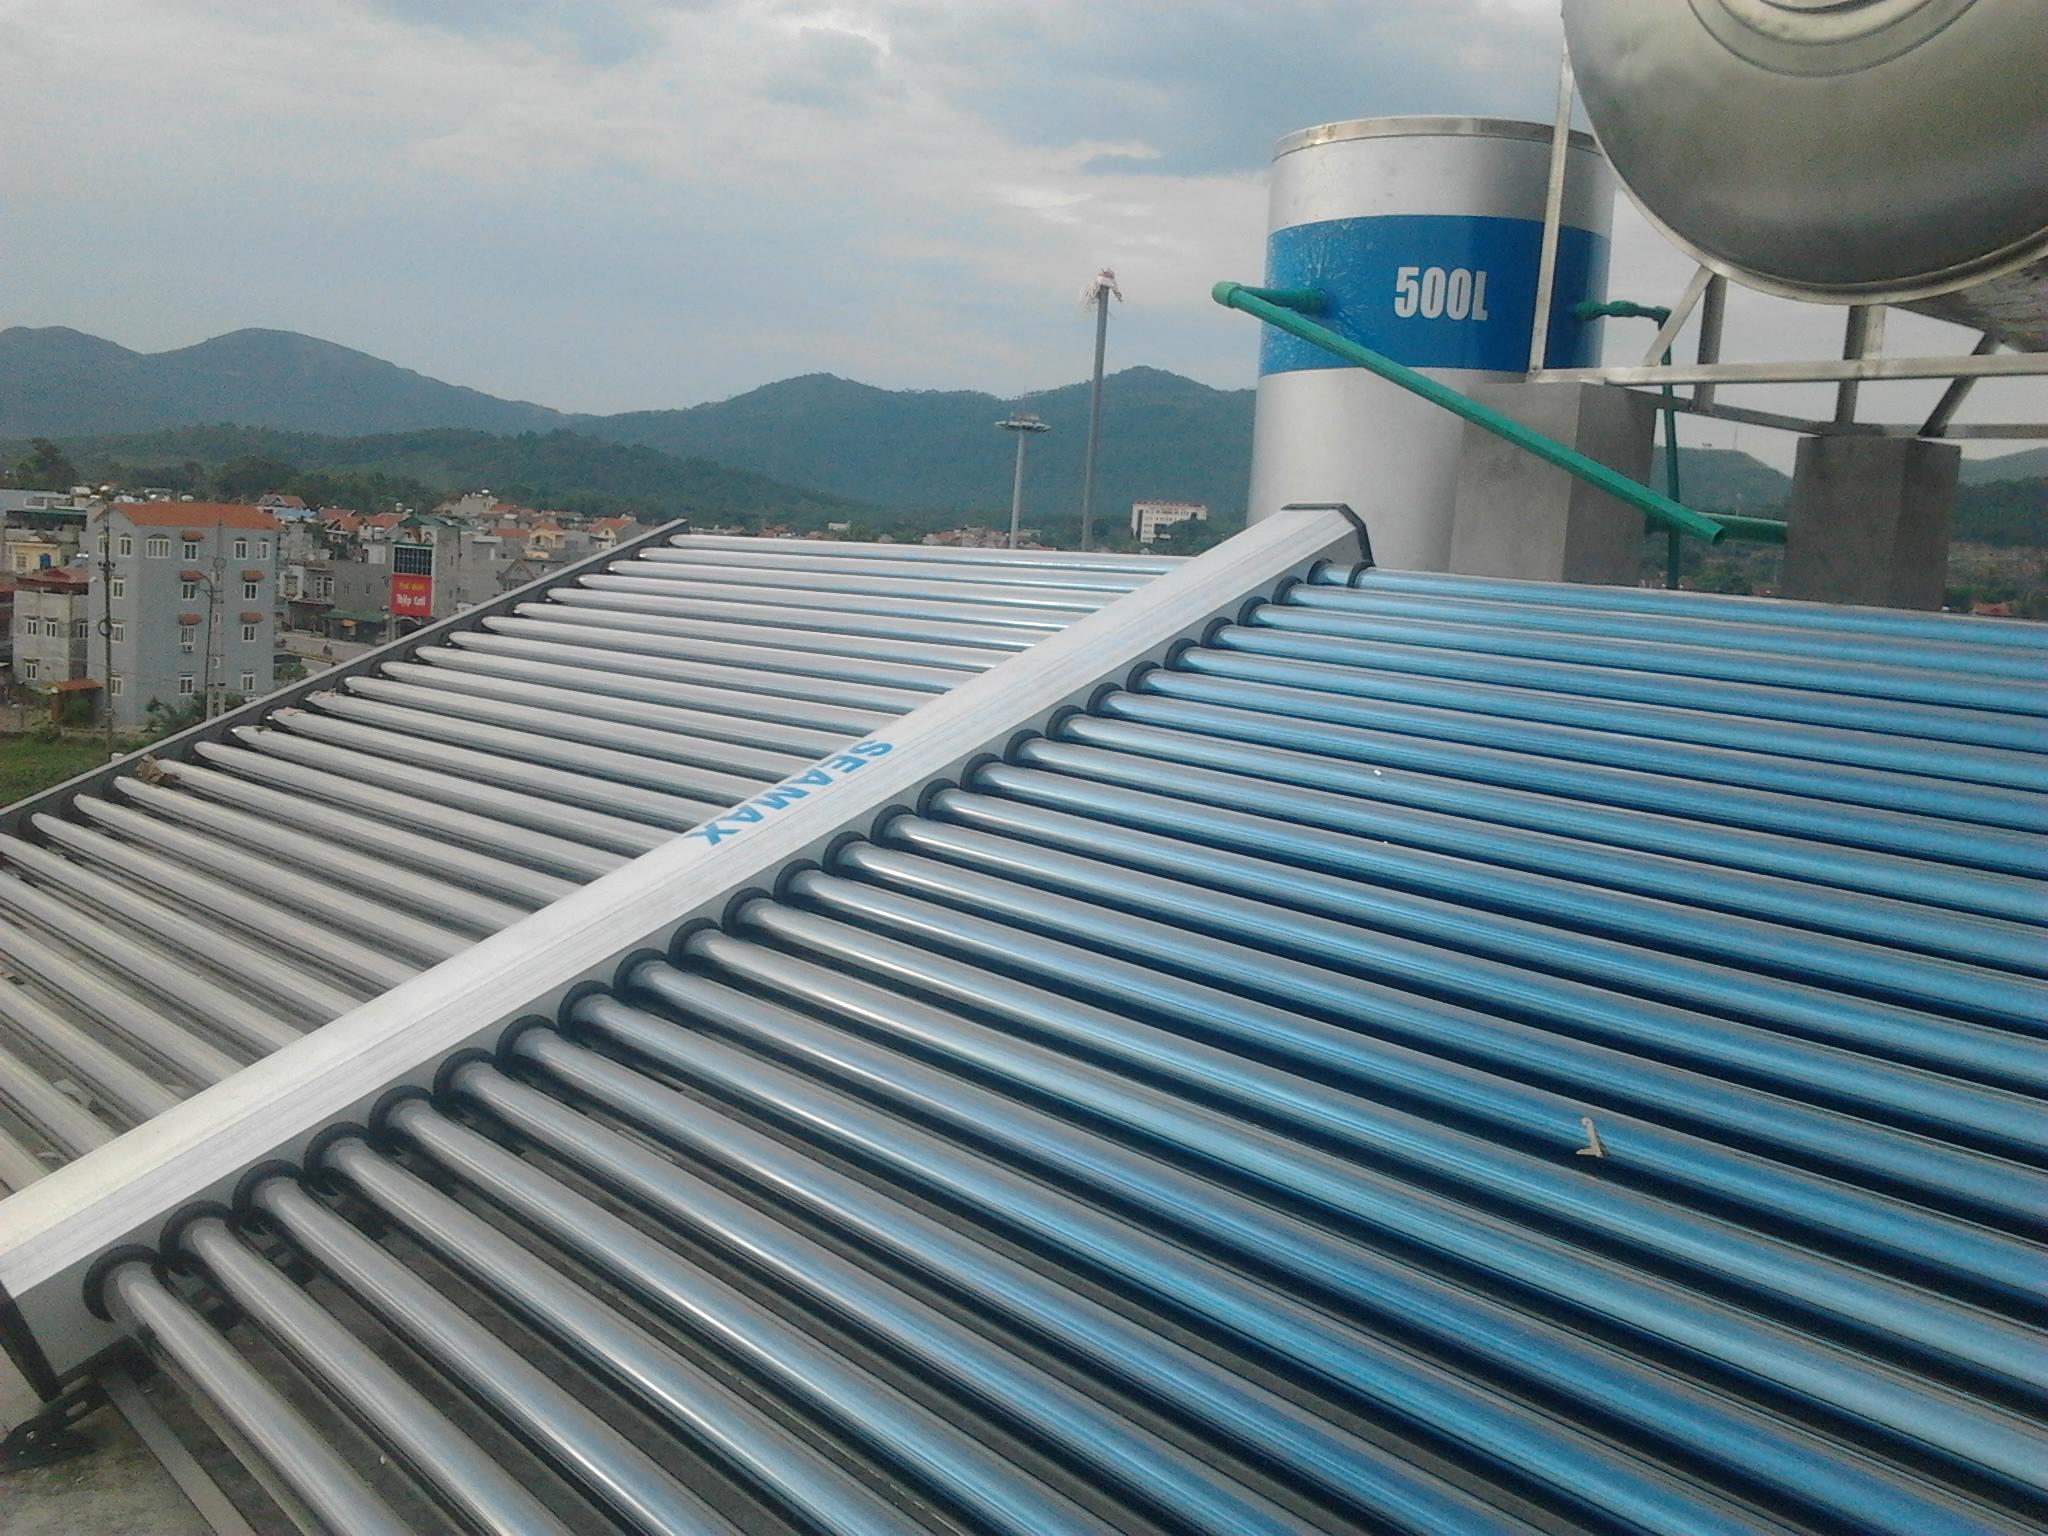 Máy năng lượng mặt trời hệ công nghiệp 500L